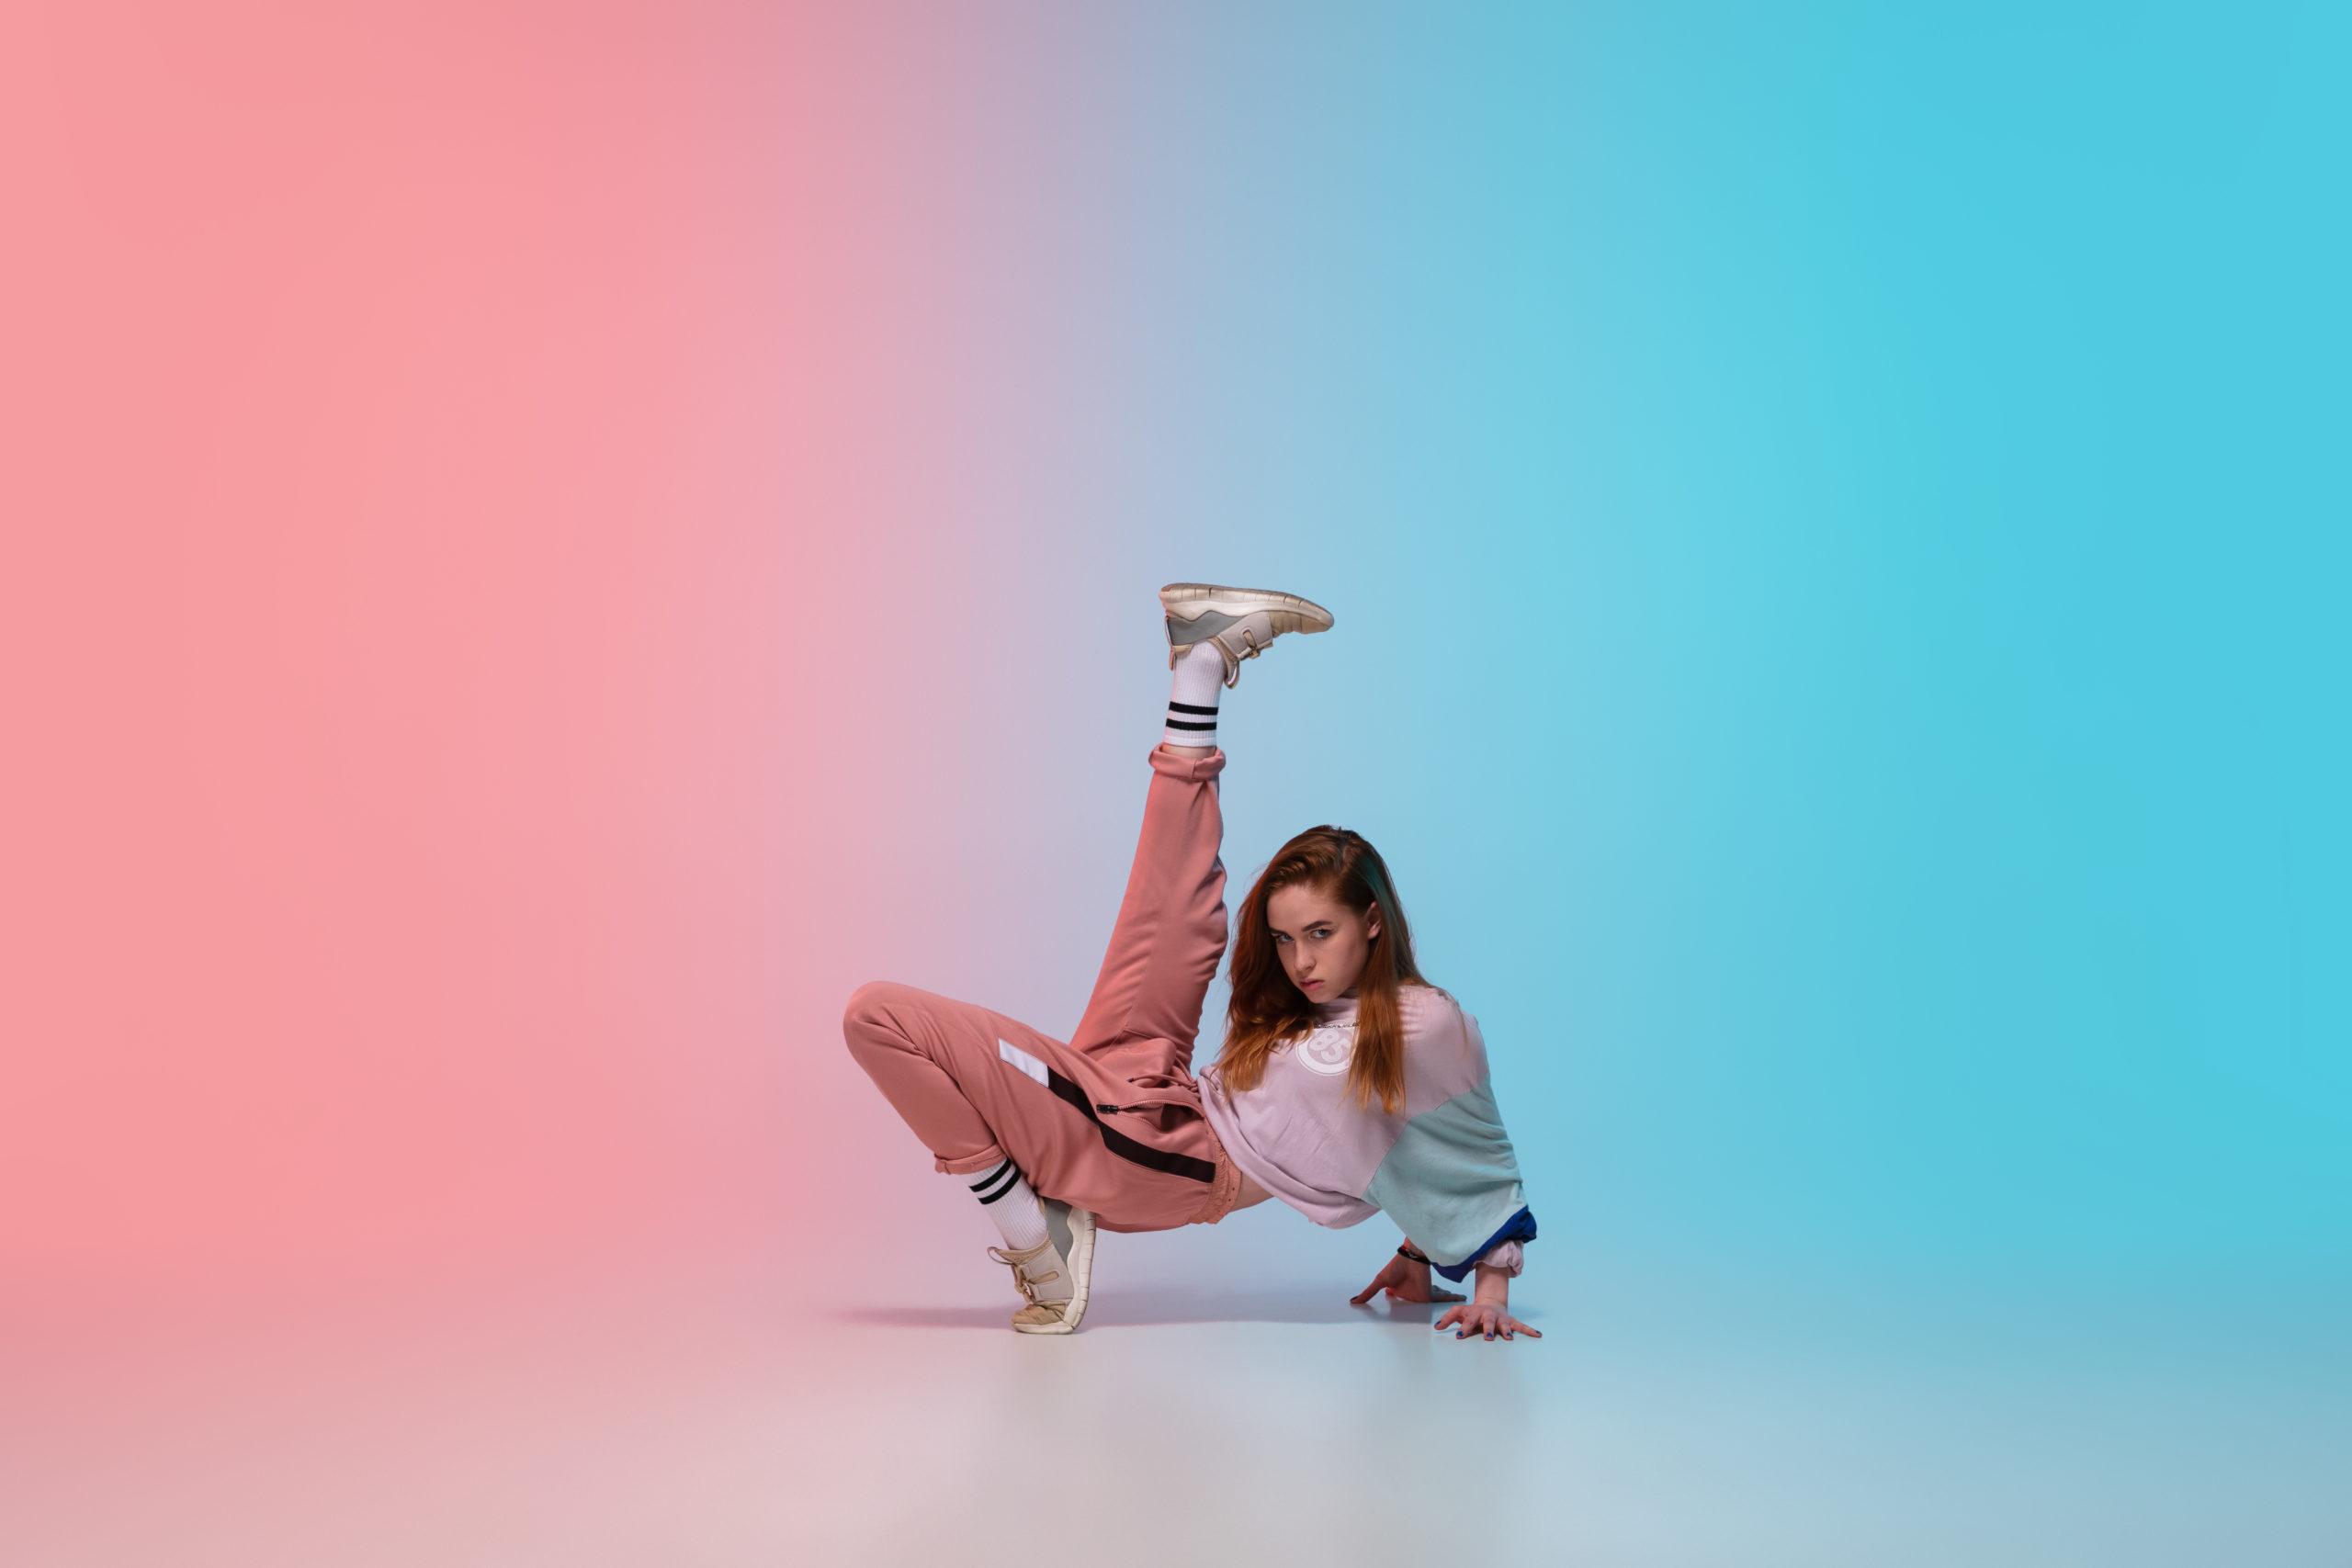 プロのダンサーになるにはどうしたらいいですか?ダンサーの3つの仕事!